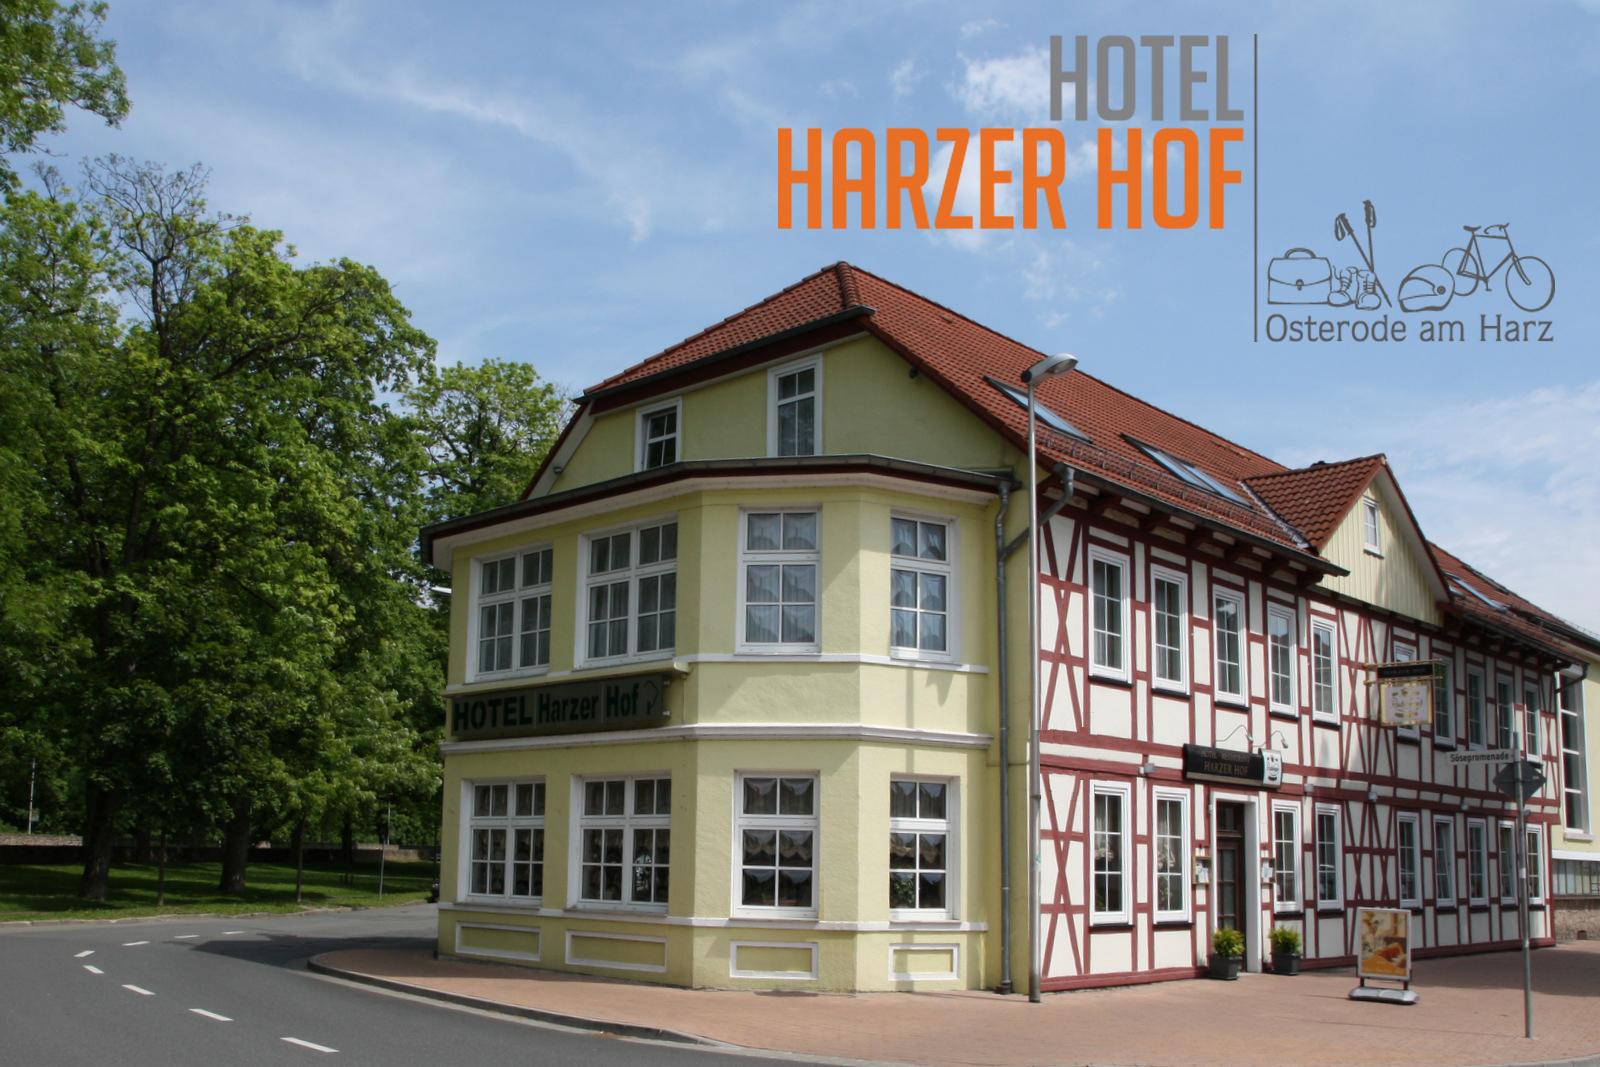 Harzer hexenstieg hotels pensionen unterk nfte for Pensionen im harz mit fruhstuck